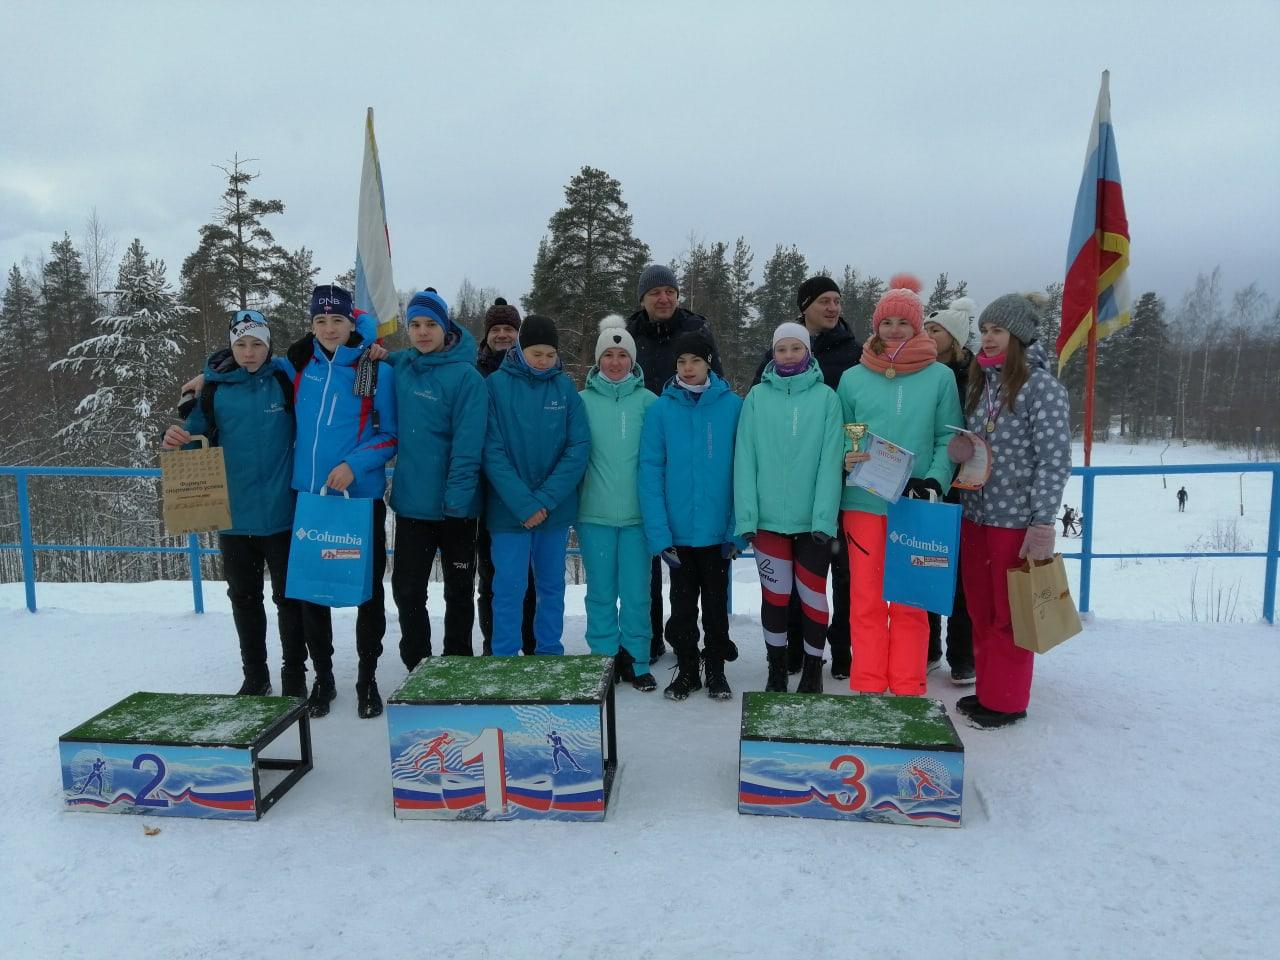 Костомукша лыжный спорт спортсмены